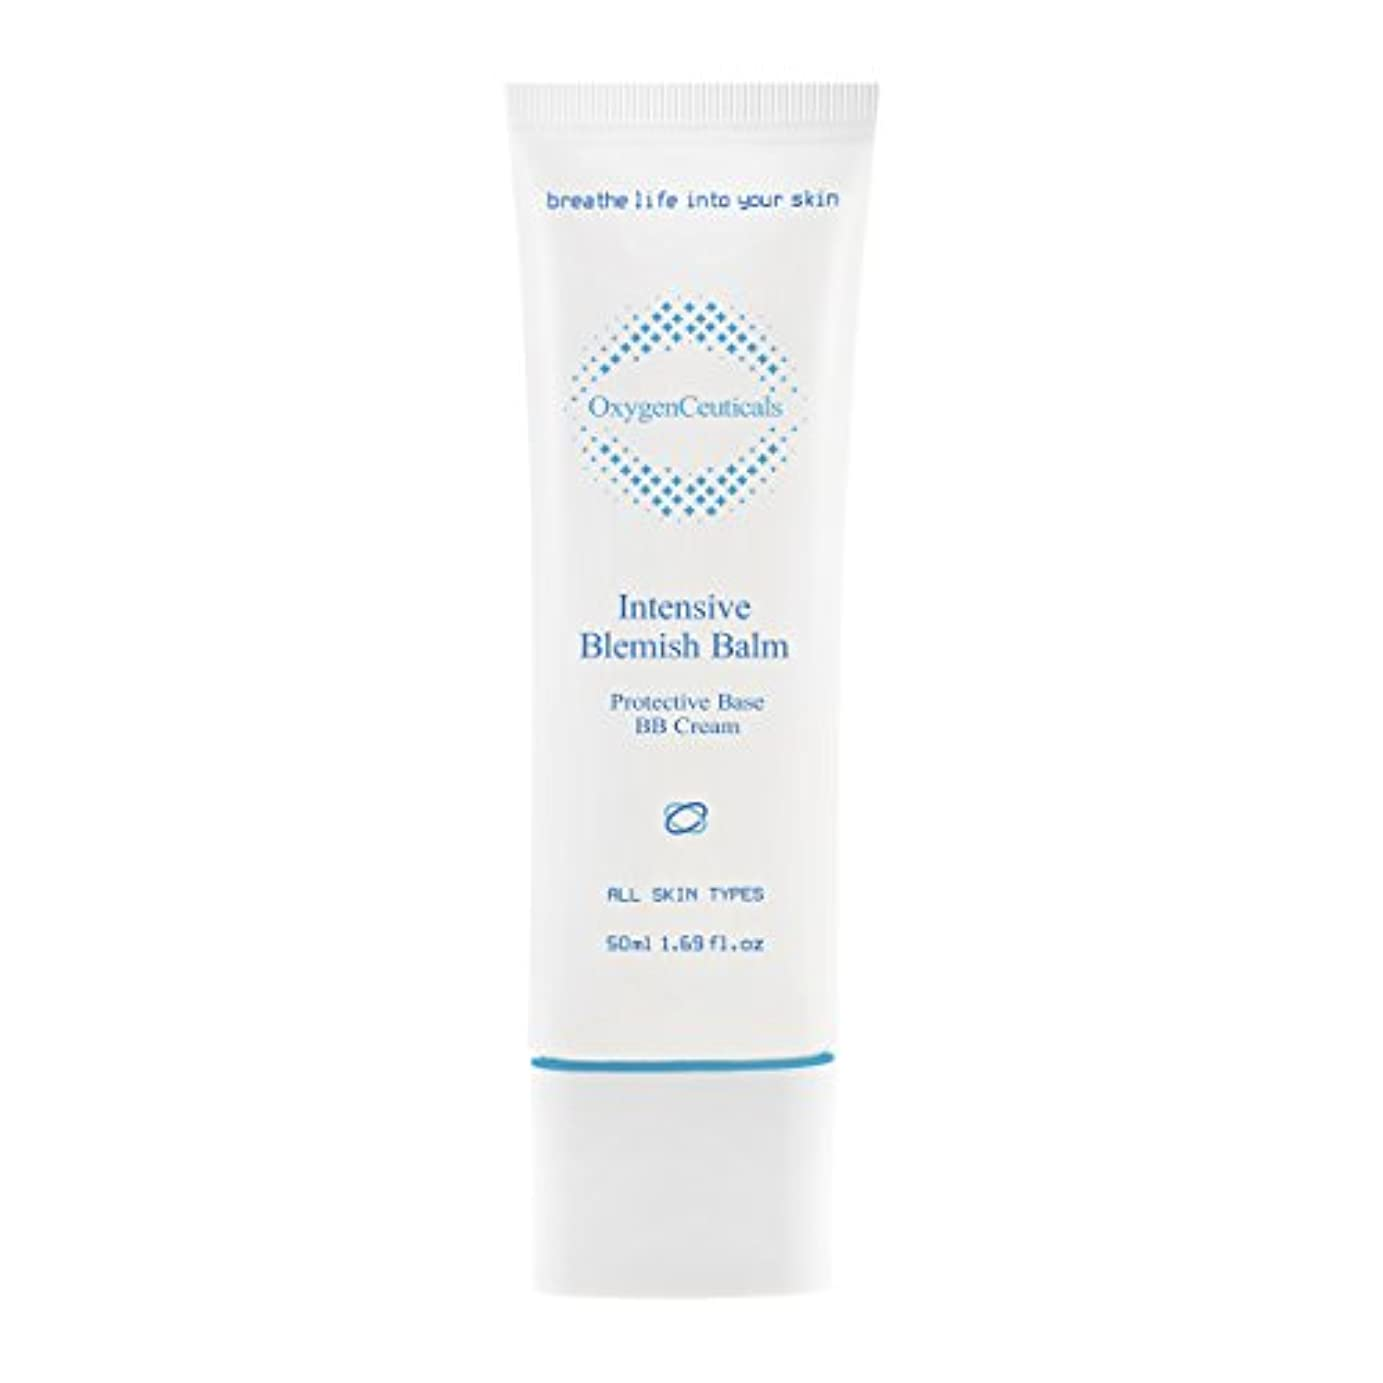 汚染された夫加害者[ Oxygen Ceuticals ] オキシジェンシューティカルズ 酸素BBクリーム[再.生BB] 50ml. Intensive Blemish Balm(BB Cream) 50ml. X Mask Pack 1p.